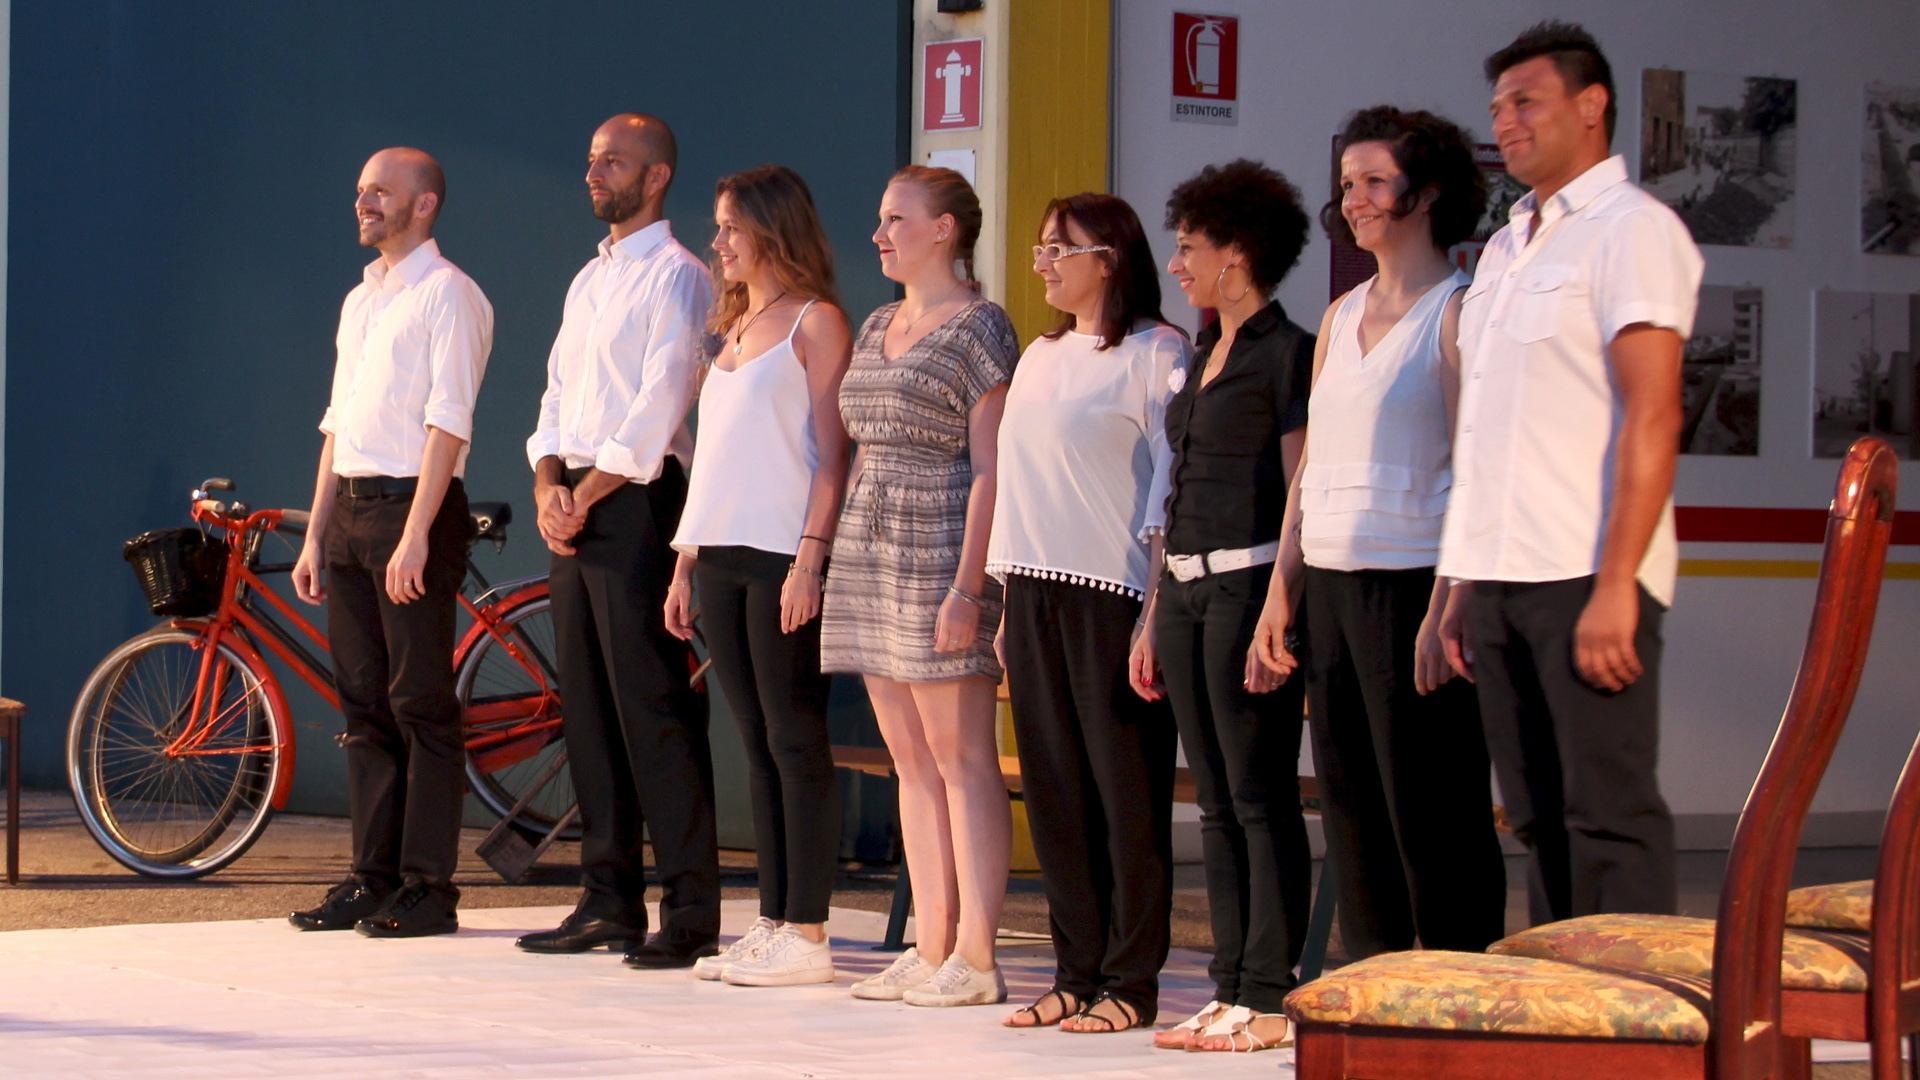 galleria_teatro16_06